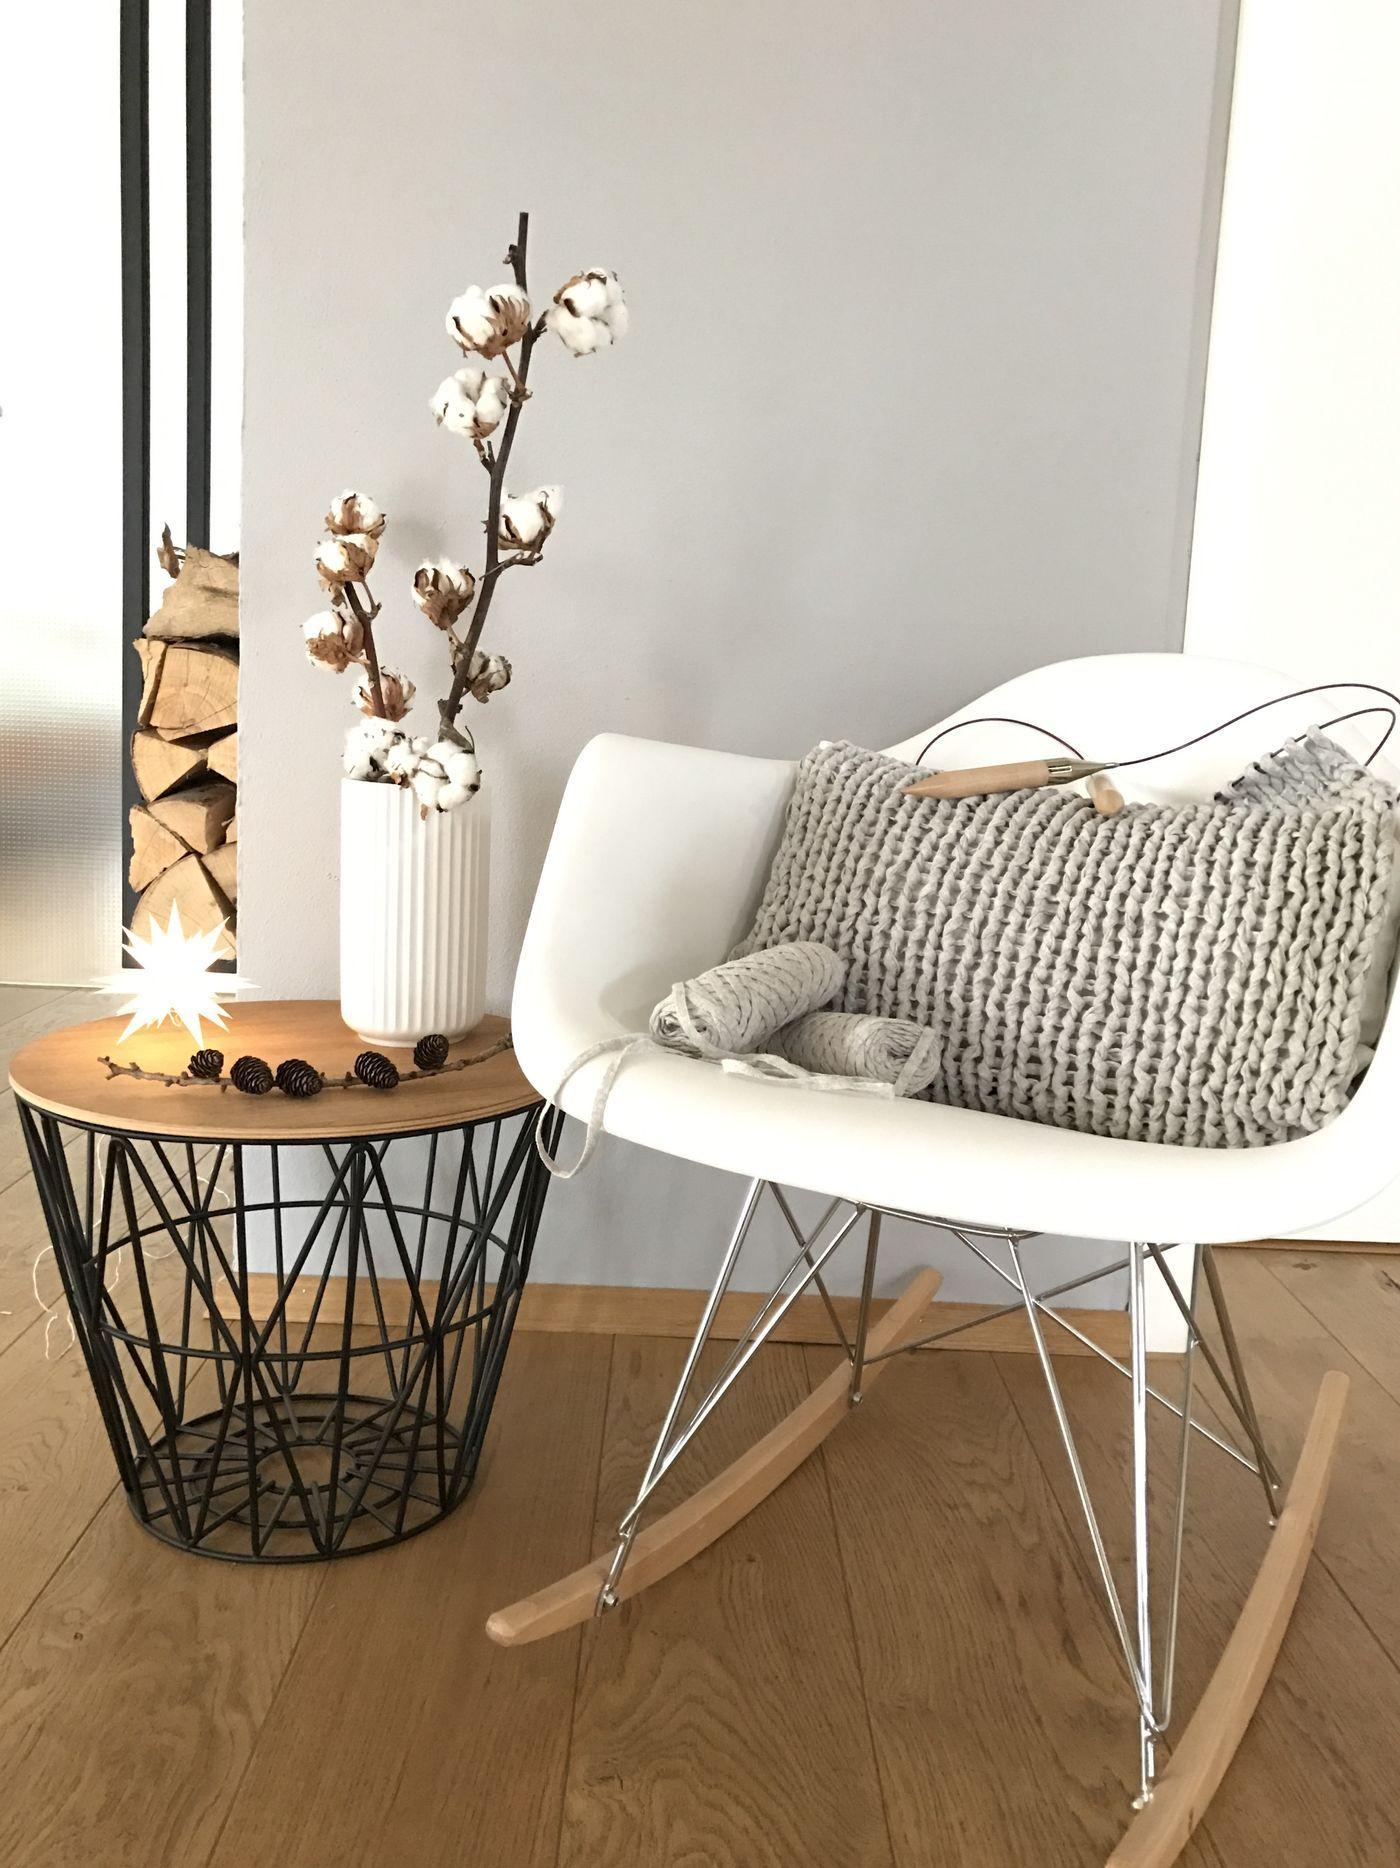 die sch nsten ideen f r deine weihnachtsdeko seite 7. Black Bedroom Furniture Sets. Home Design Ideas